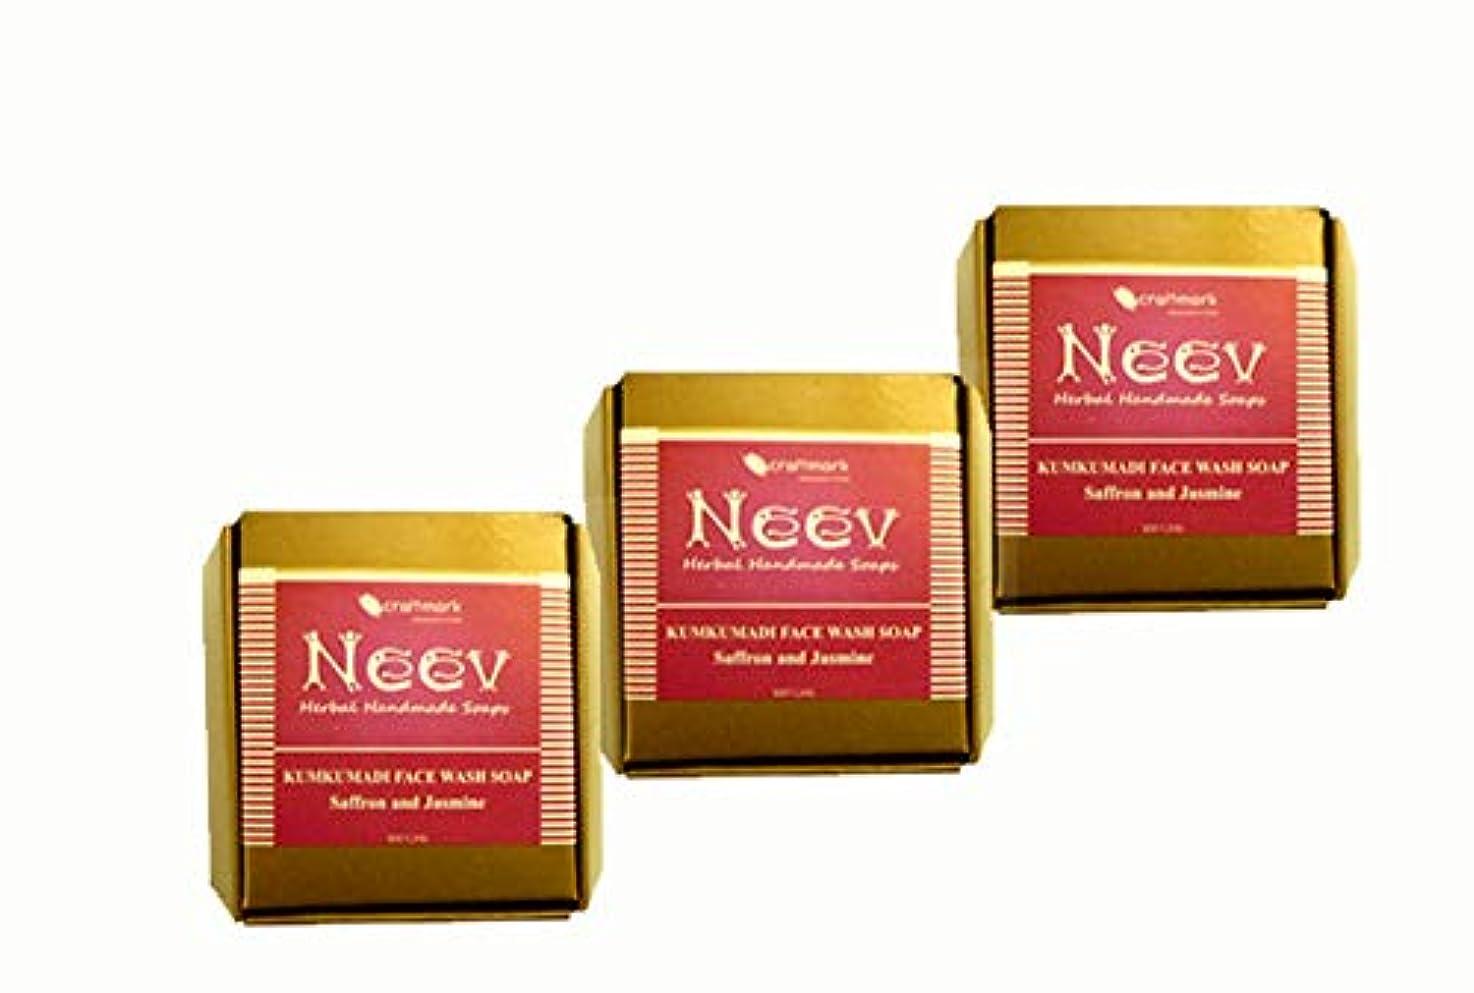 直径子供っぽい周辺手作り ニーブ クンクマディ フェイス ウォシュ ソープ 3セット AYURVEDA NEEV Herbal KUMKUMADI FACE WASH SOAP Saffron AND Jasmin